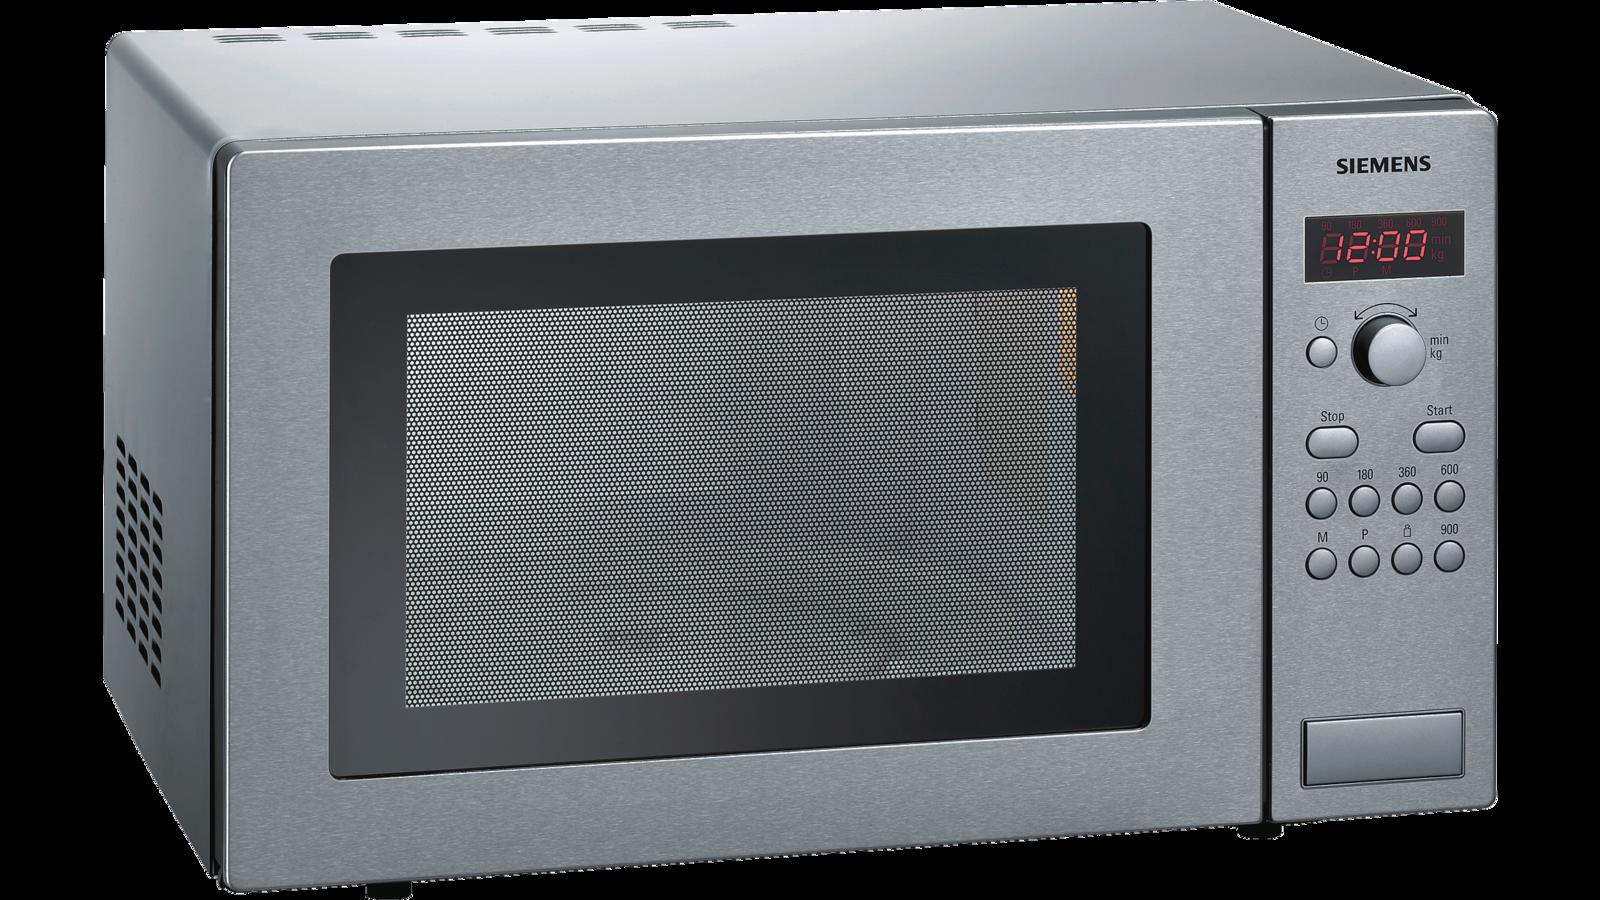 SIEMENS HF24M541 Freistehende Mikrowelle